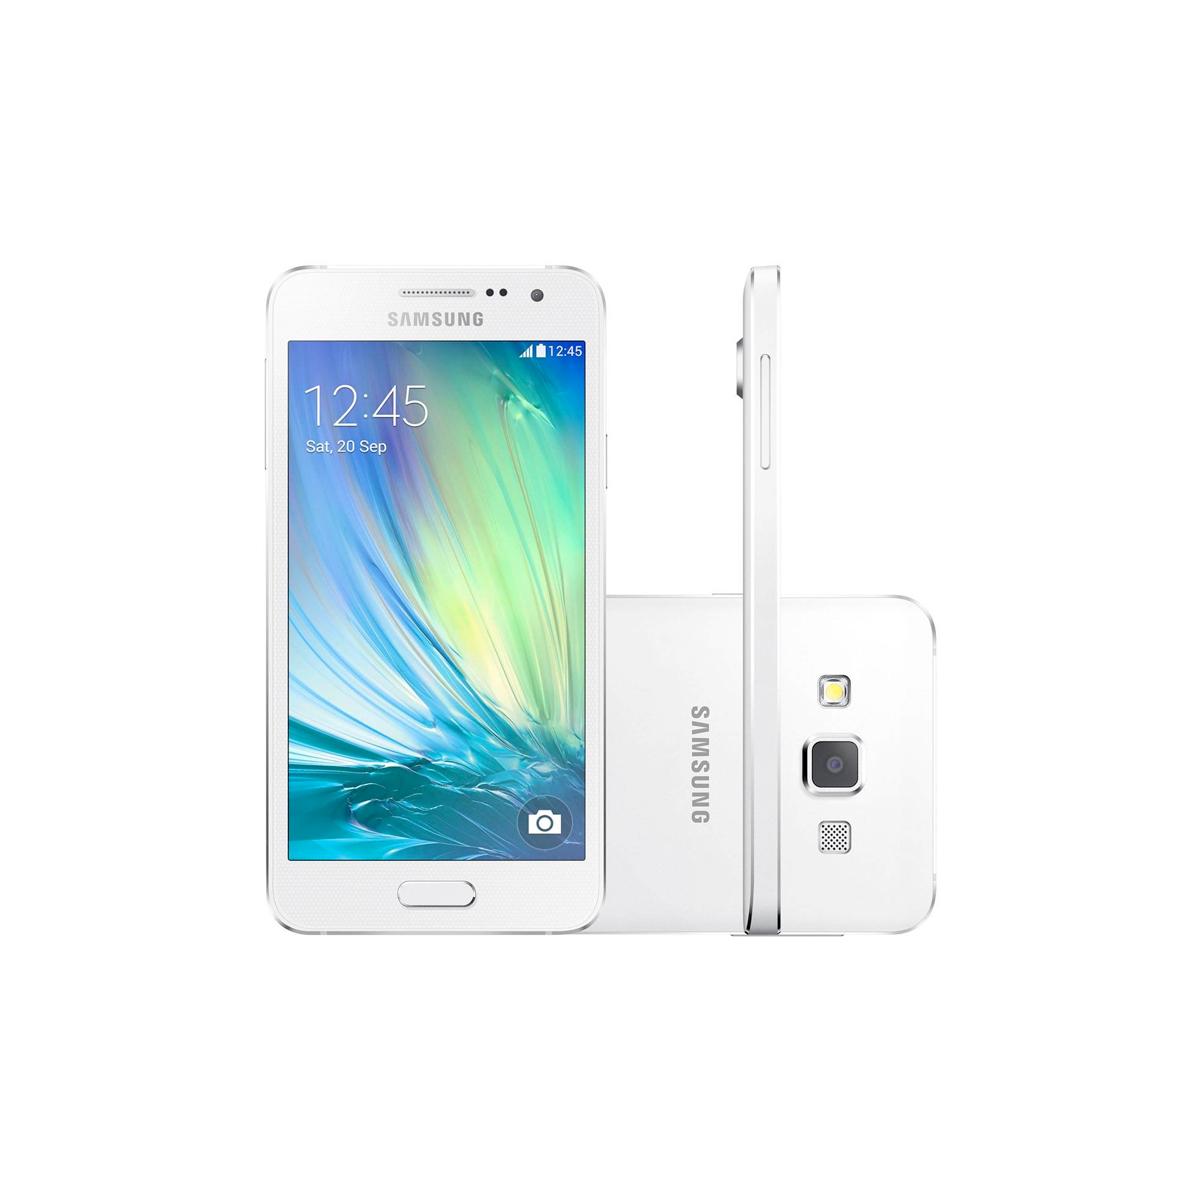 Celular Samsung Galaxy A3 GS-A300- 16GB, 4G, Duos, Android 4.4, Câmera de 8 MP, Vídeo em Full HD, Selfie Panorâmica, Quad Core 1.2 GHz - Desbloqueado ANATEL